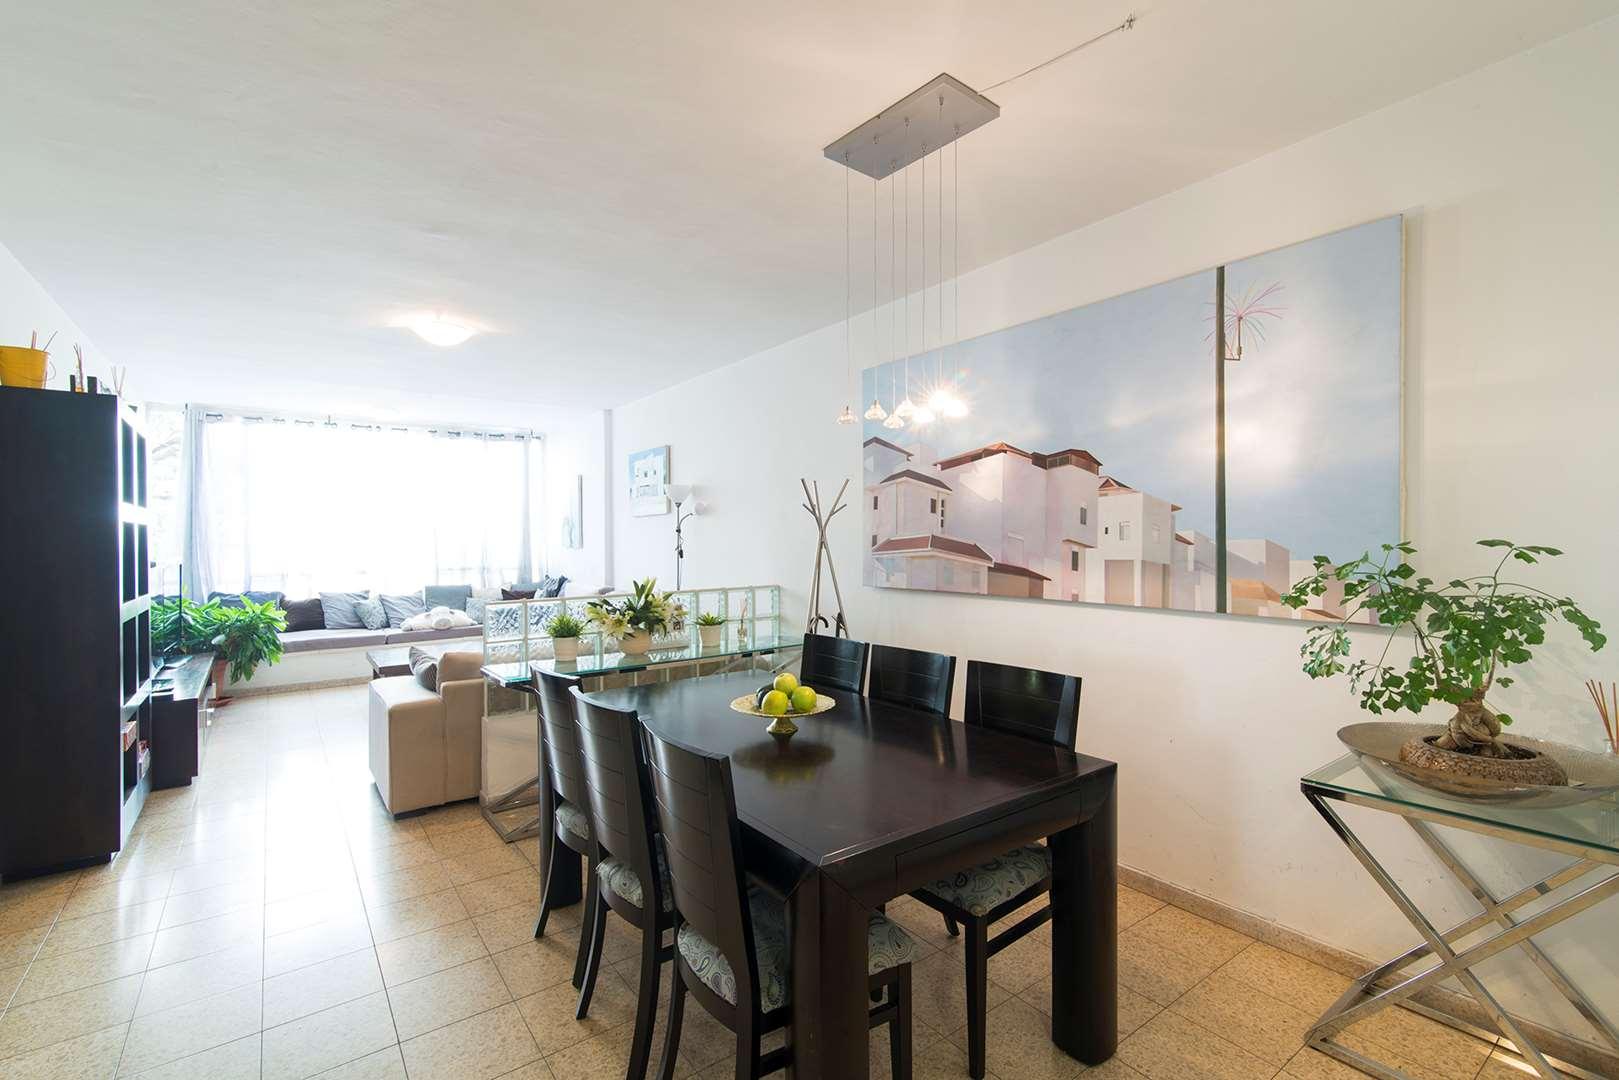 דירה להשכרה 3 חדרים בתל אביב יפו מצדה הצפון הישן